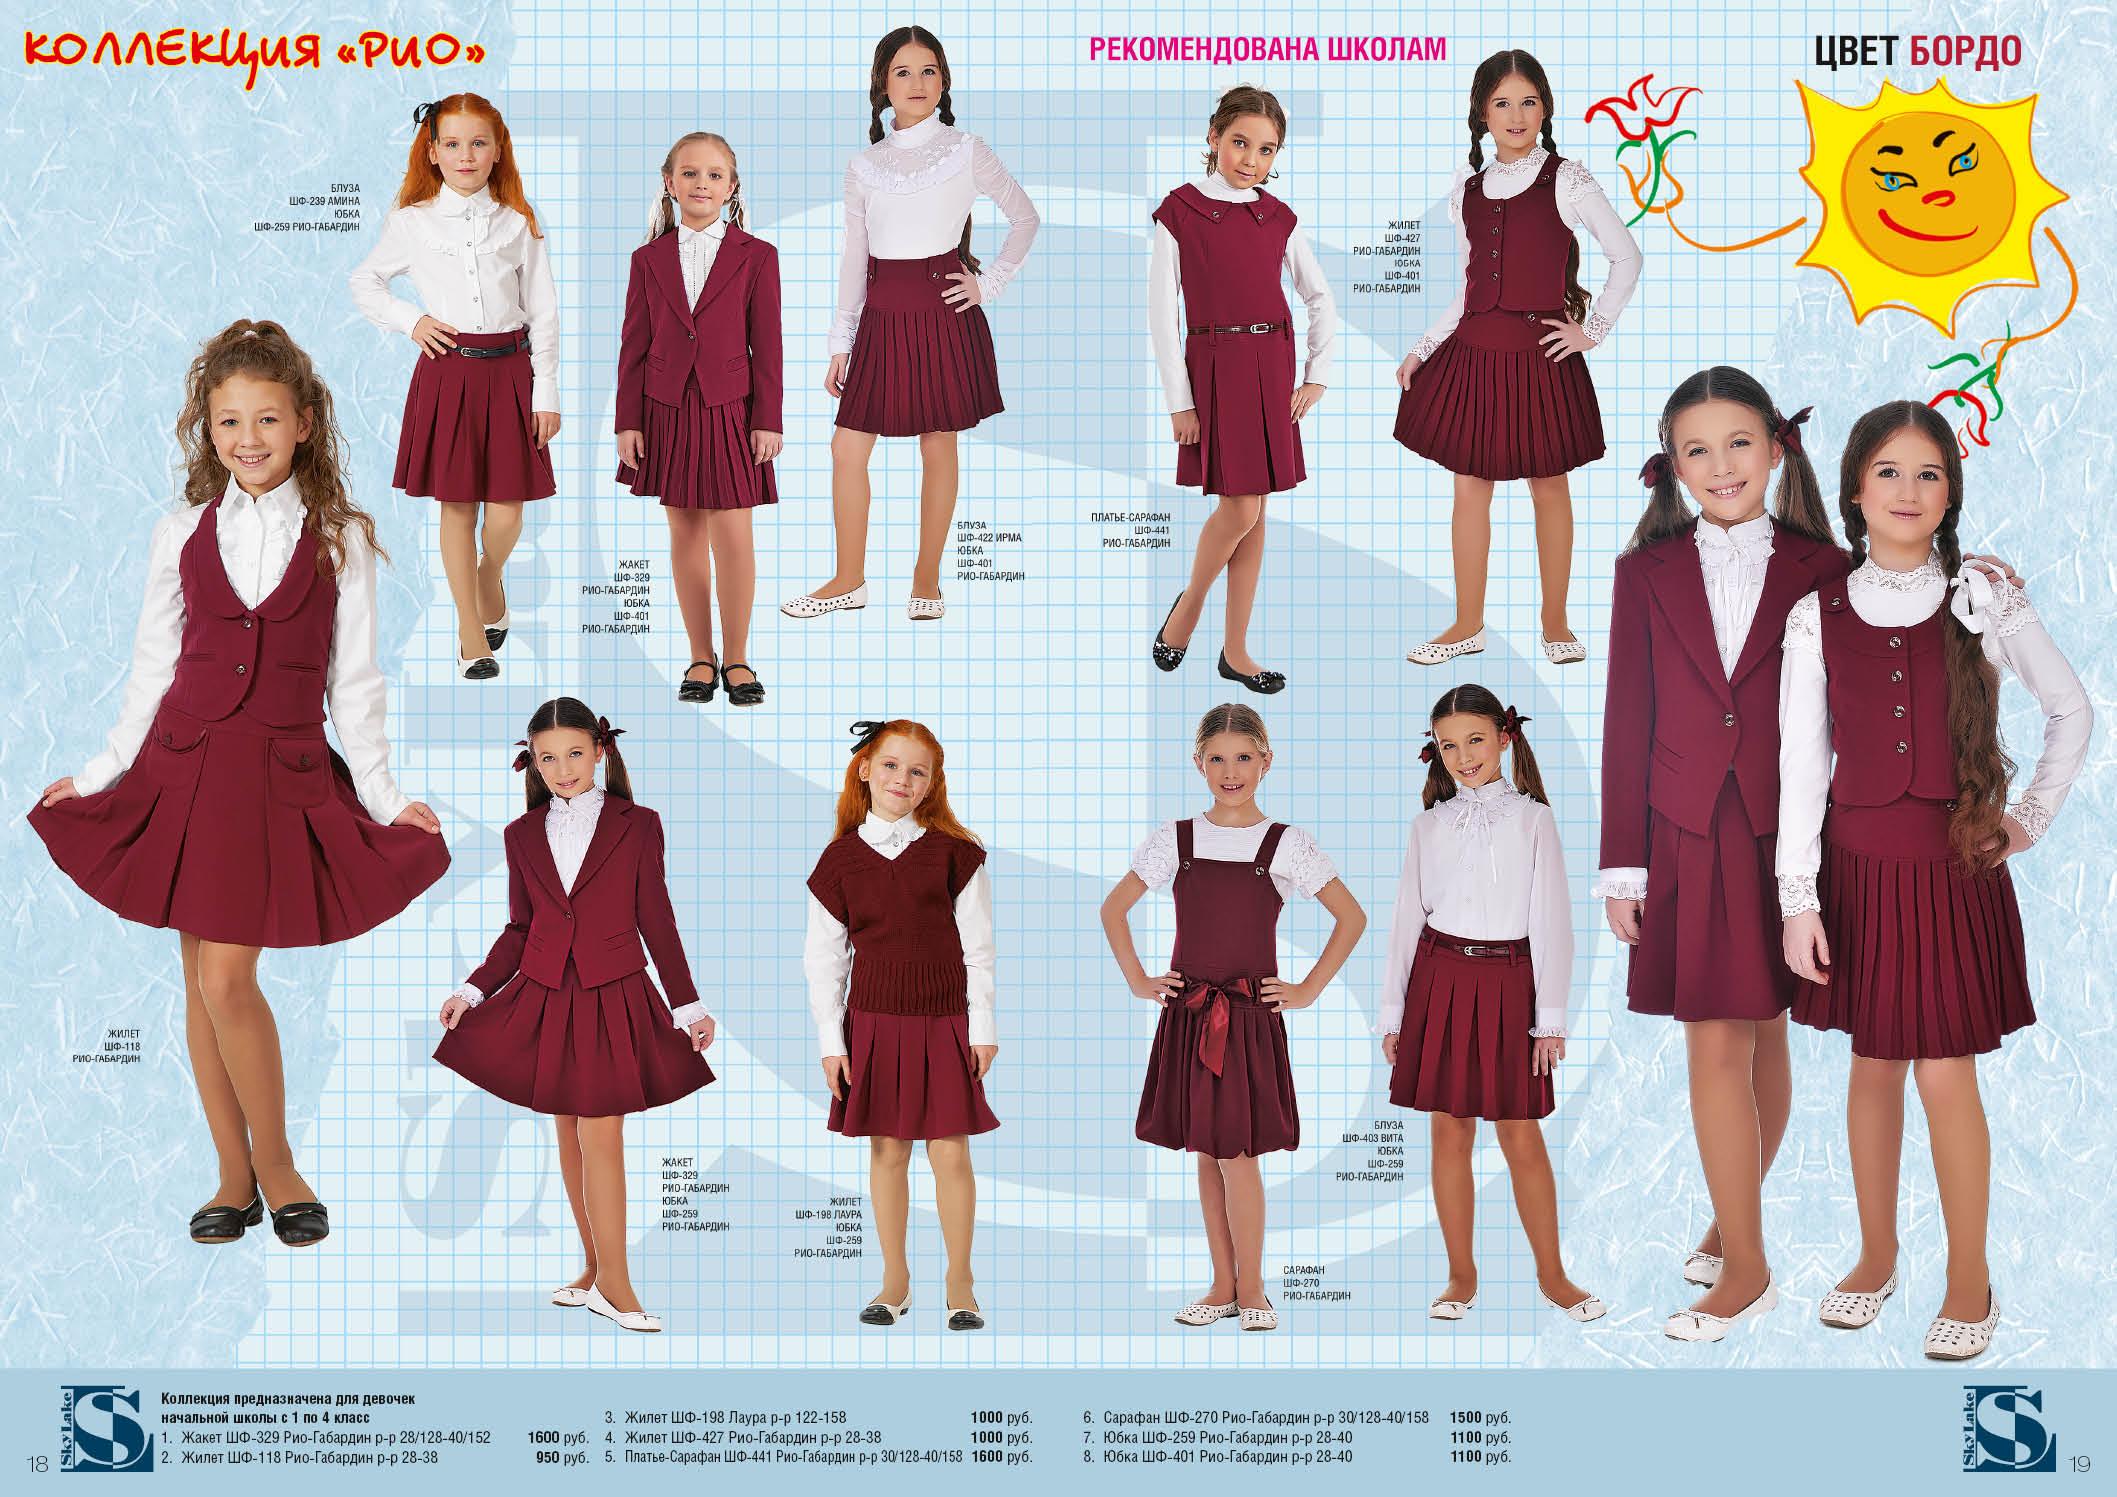 Школьные Блузки Для Девочек 2014 В Нижнем Новгороде